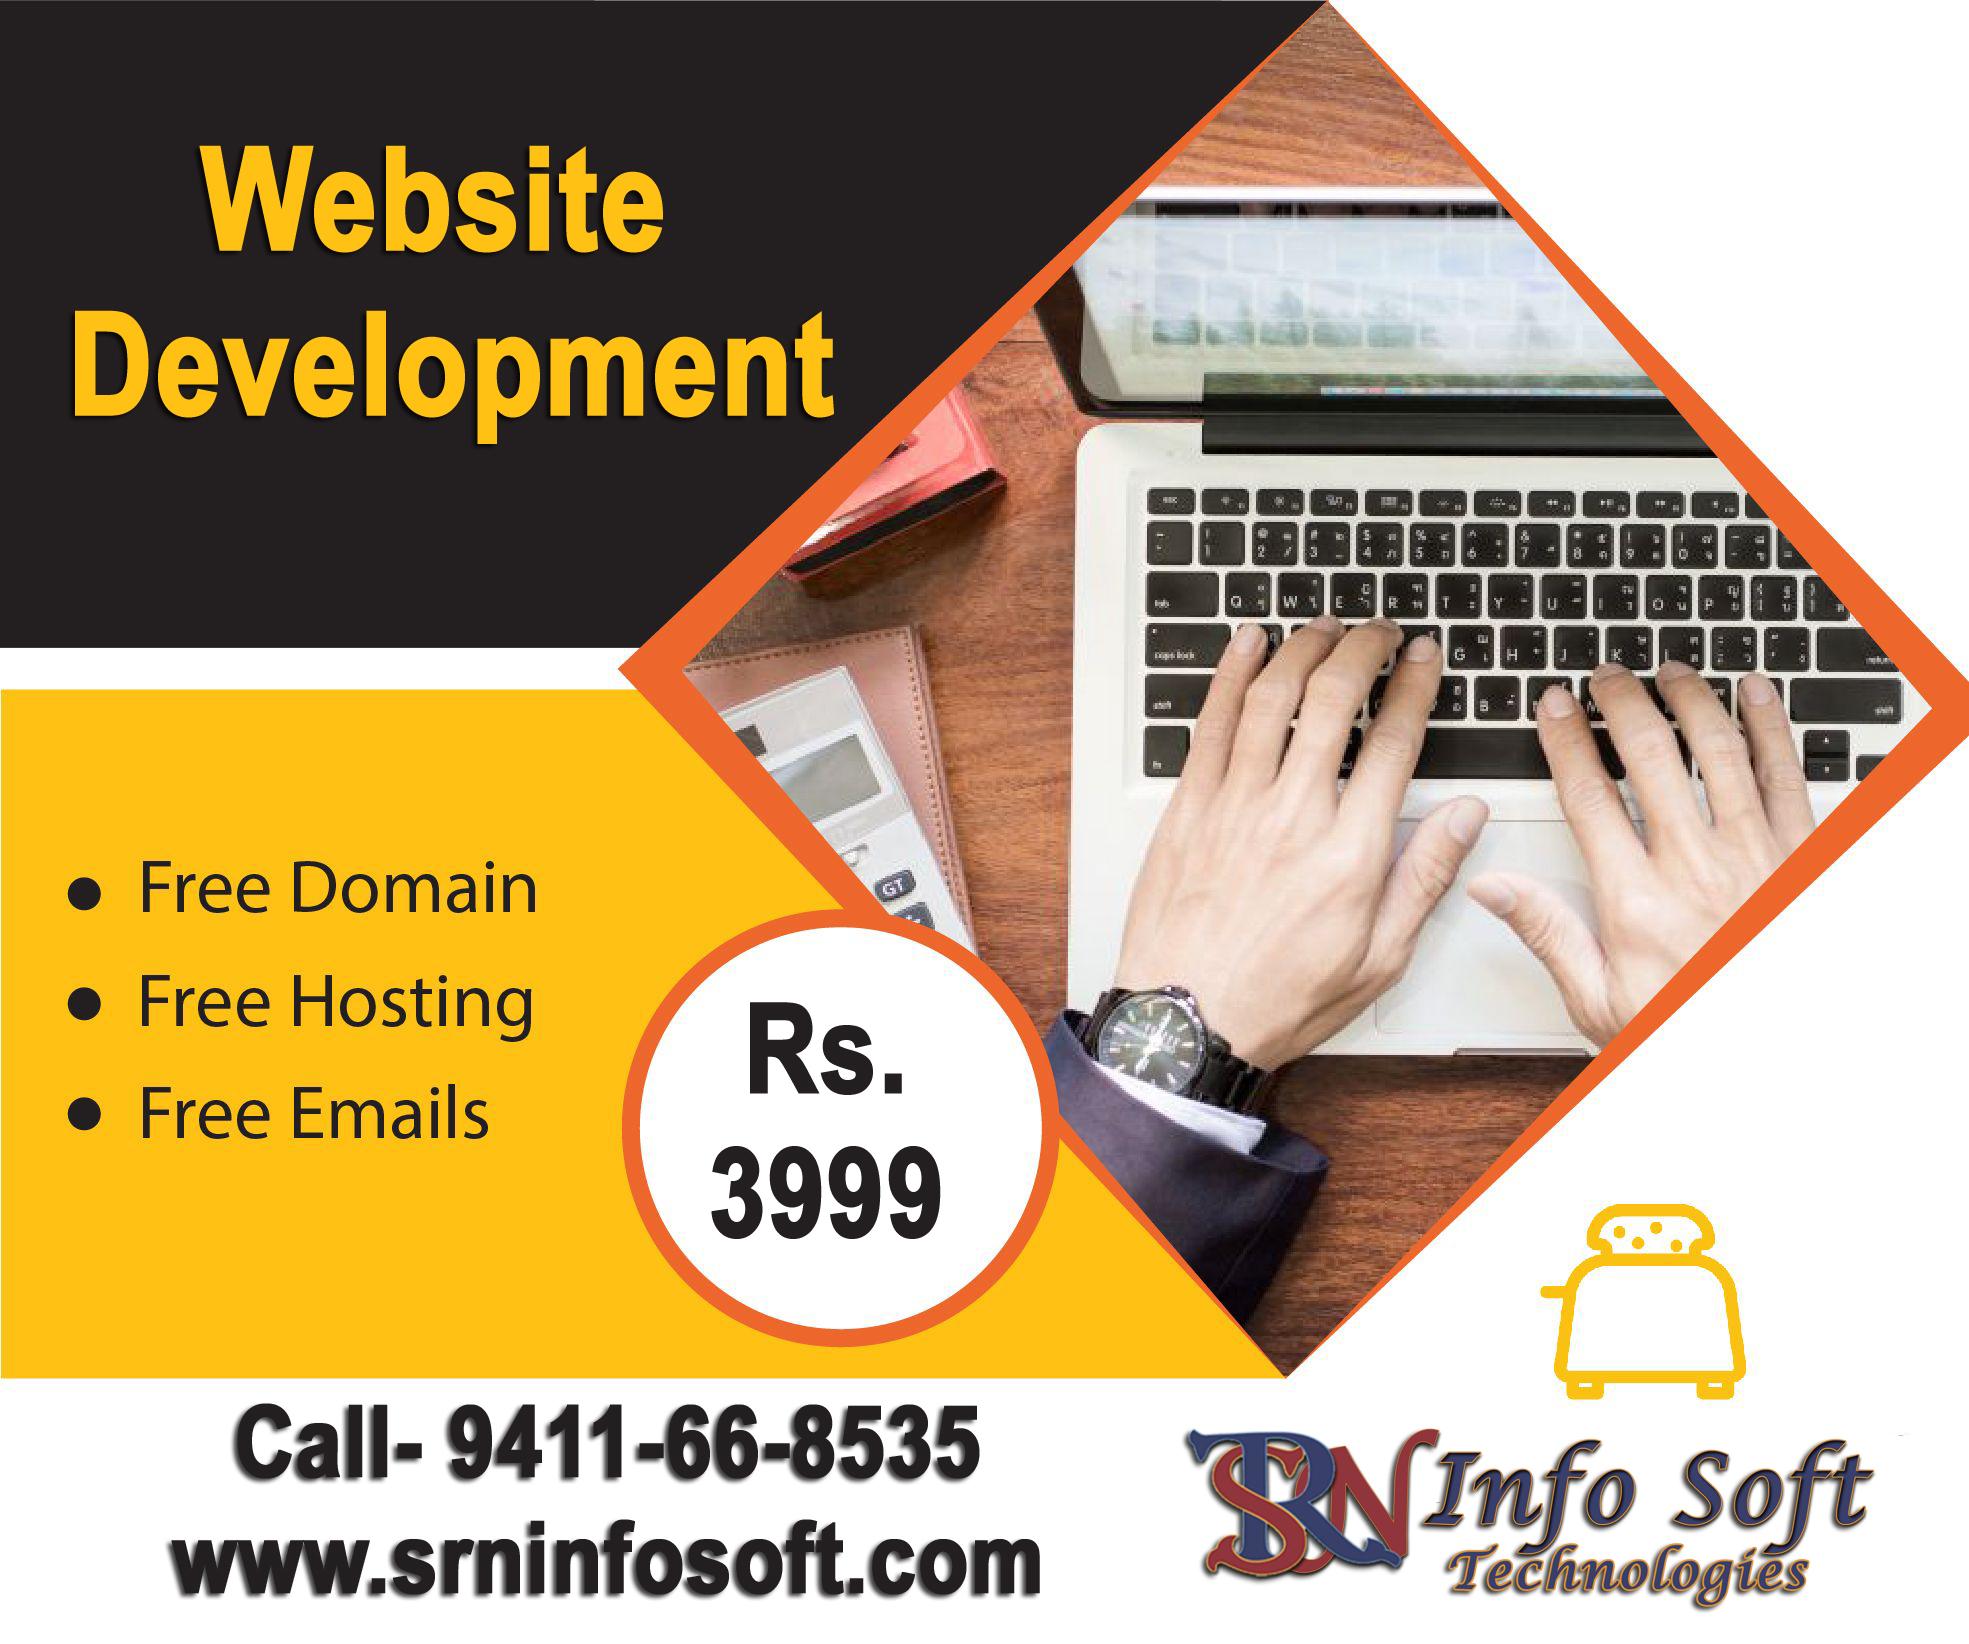 News Portal Website Development Only Rs. 3999/-